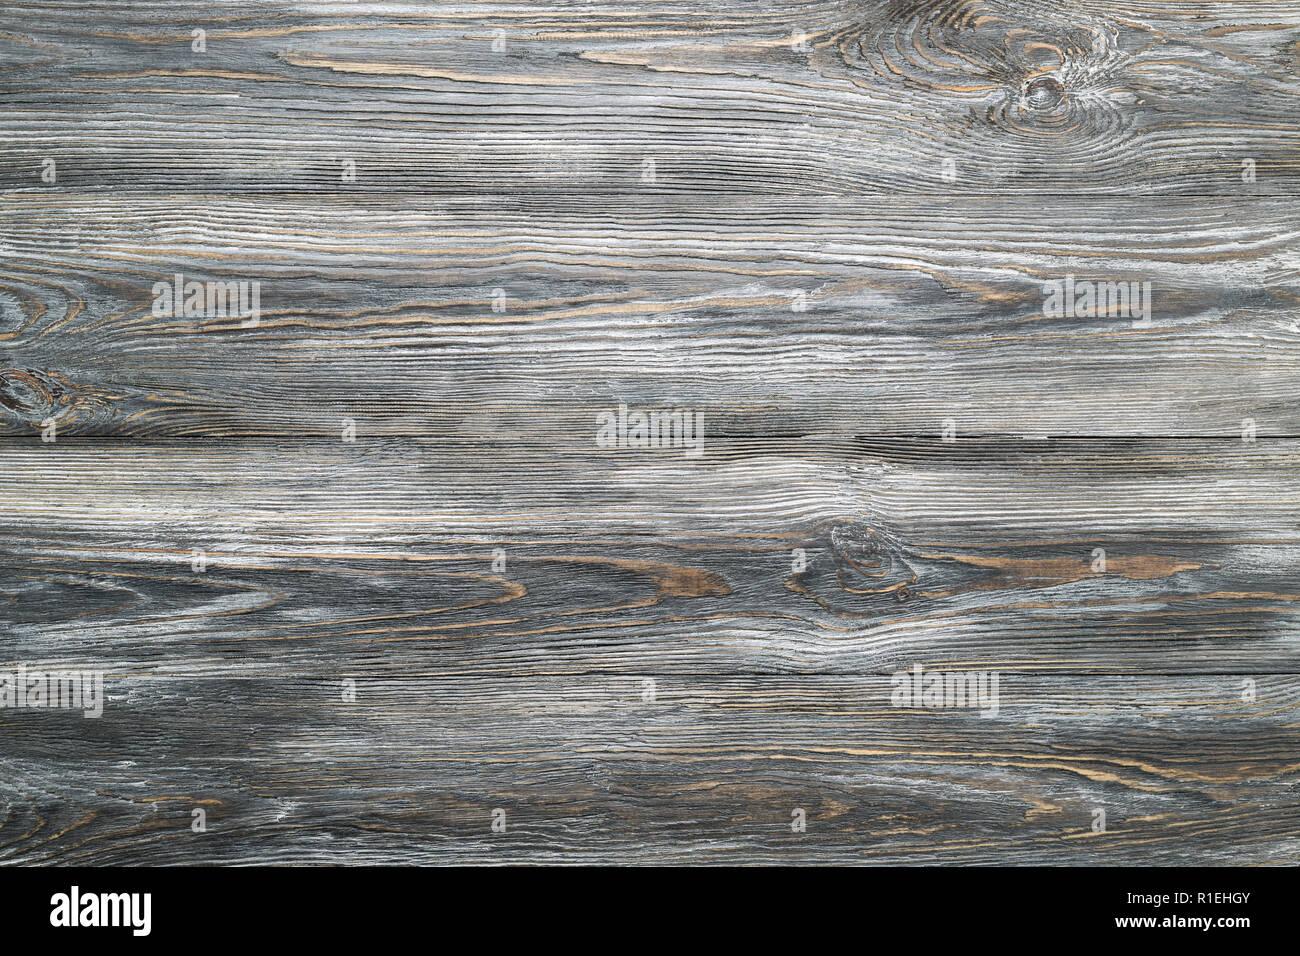 Legno Bianco Texture : Stanza vuota con pavimento in legno bianco texture pareti e